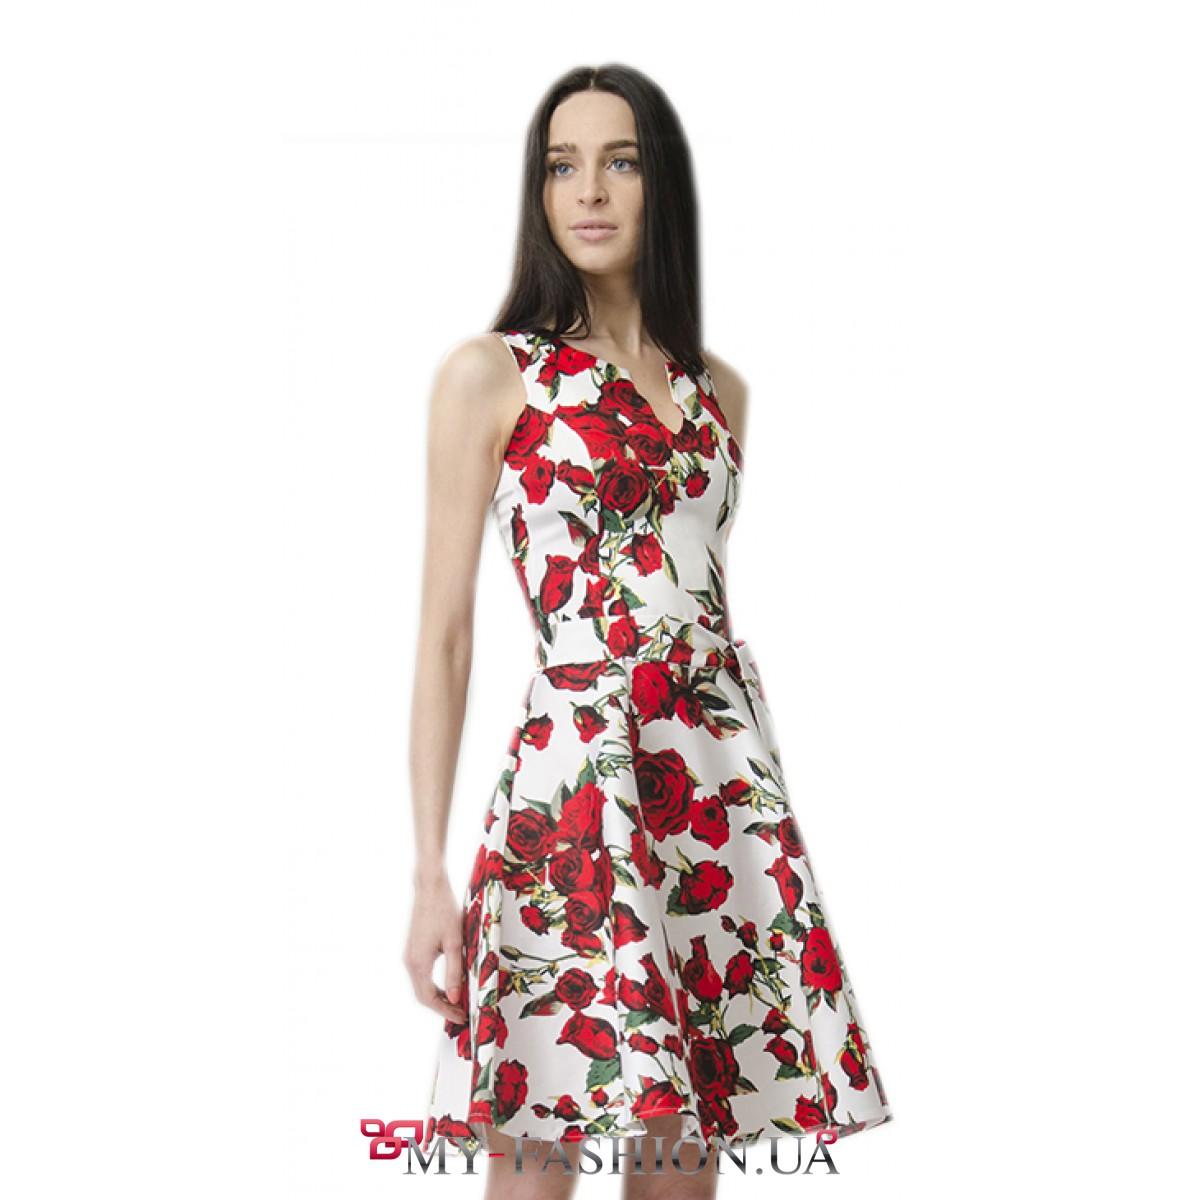 Натуральные Платья Купить